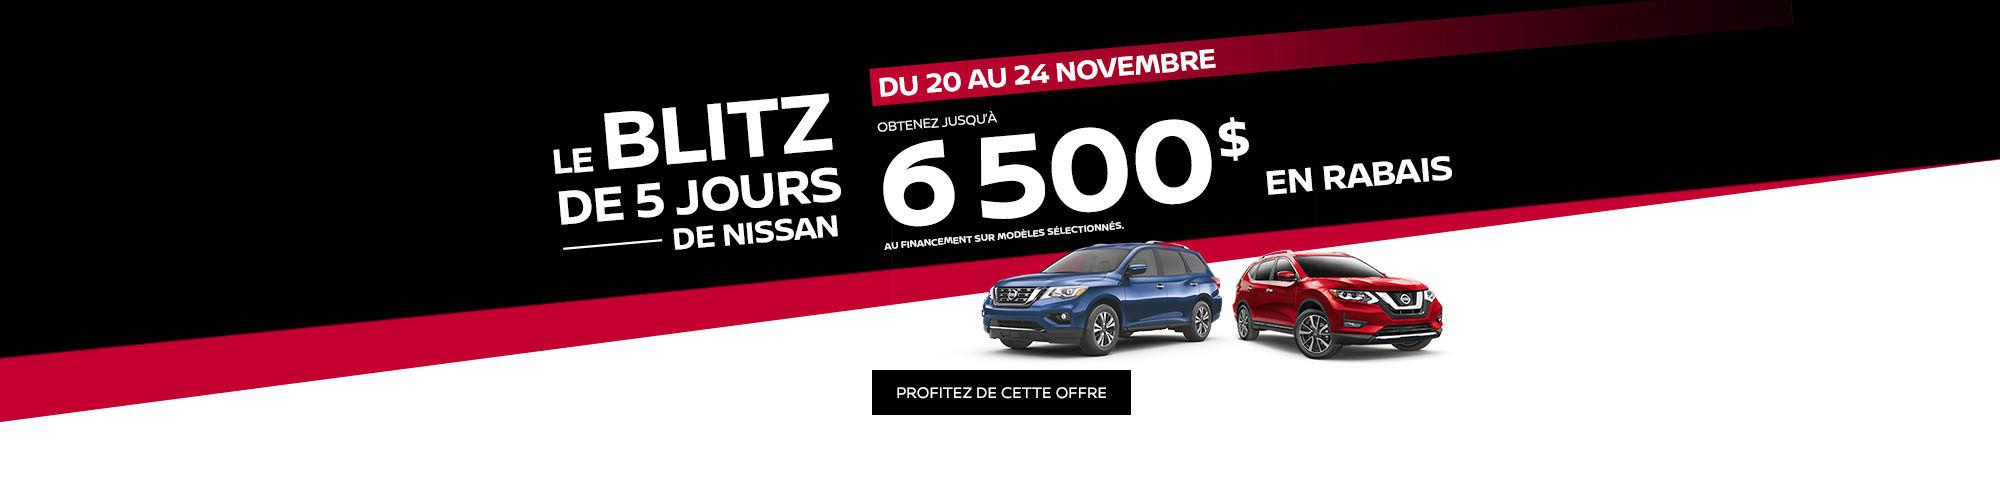 Le Blitz de 5 jours Nissan